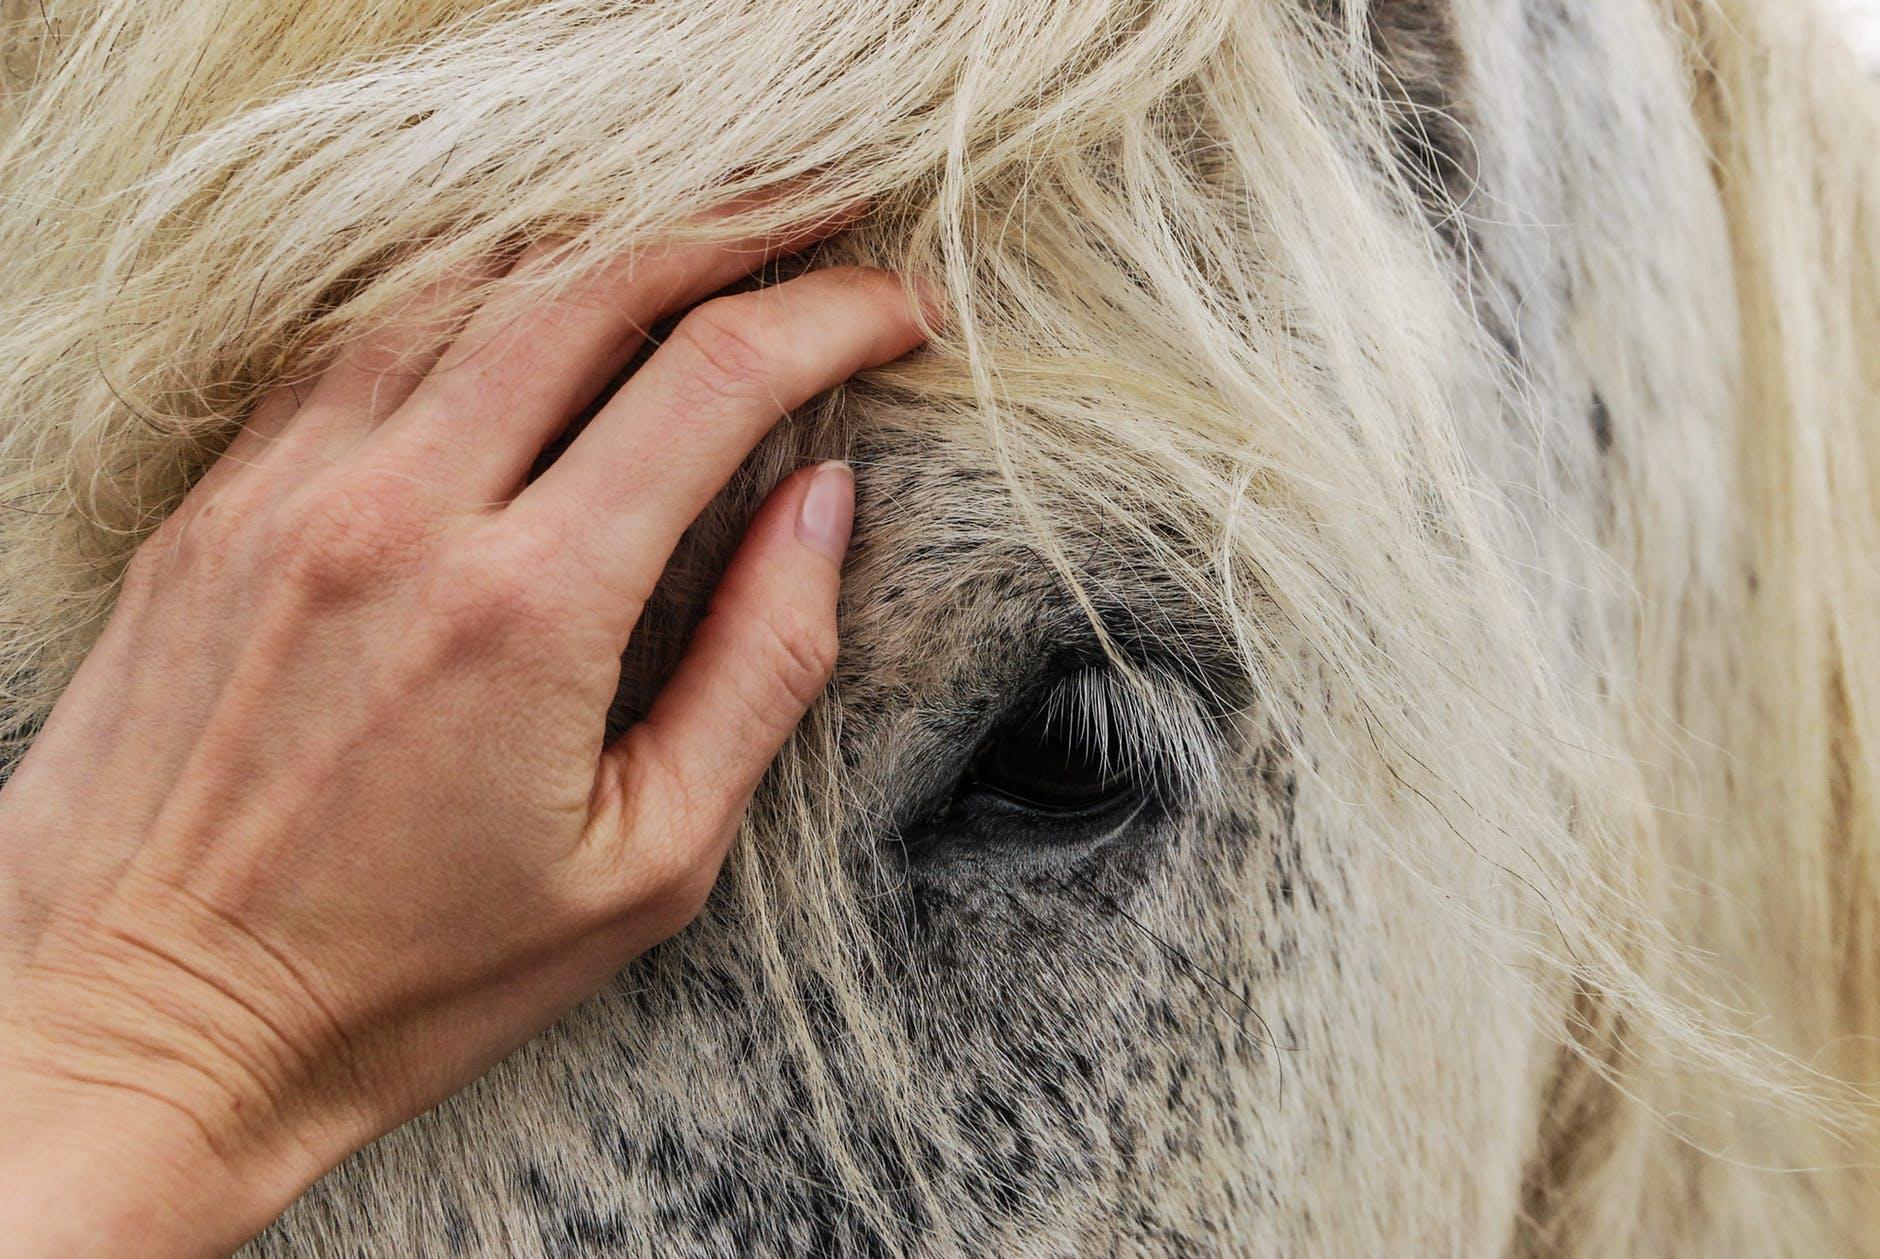 En hand på en hästmule